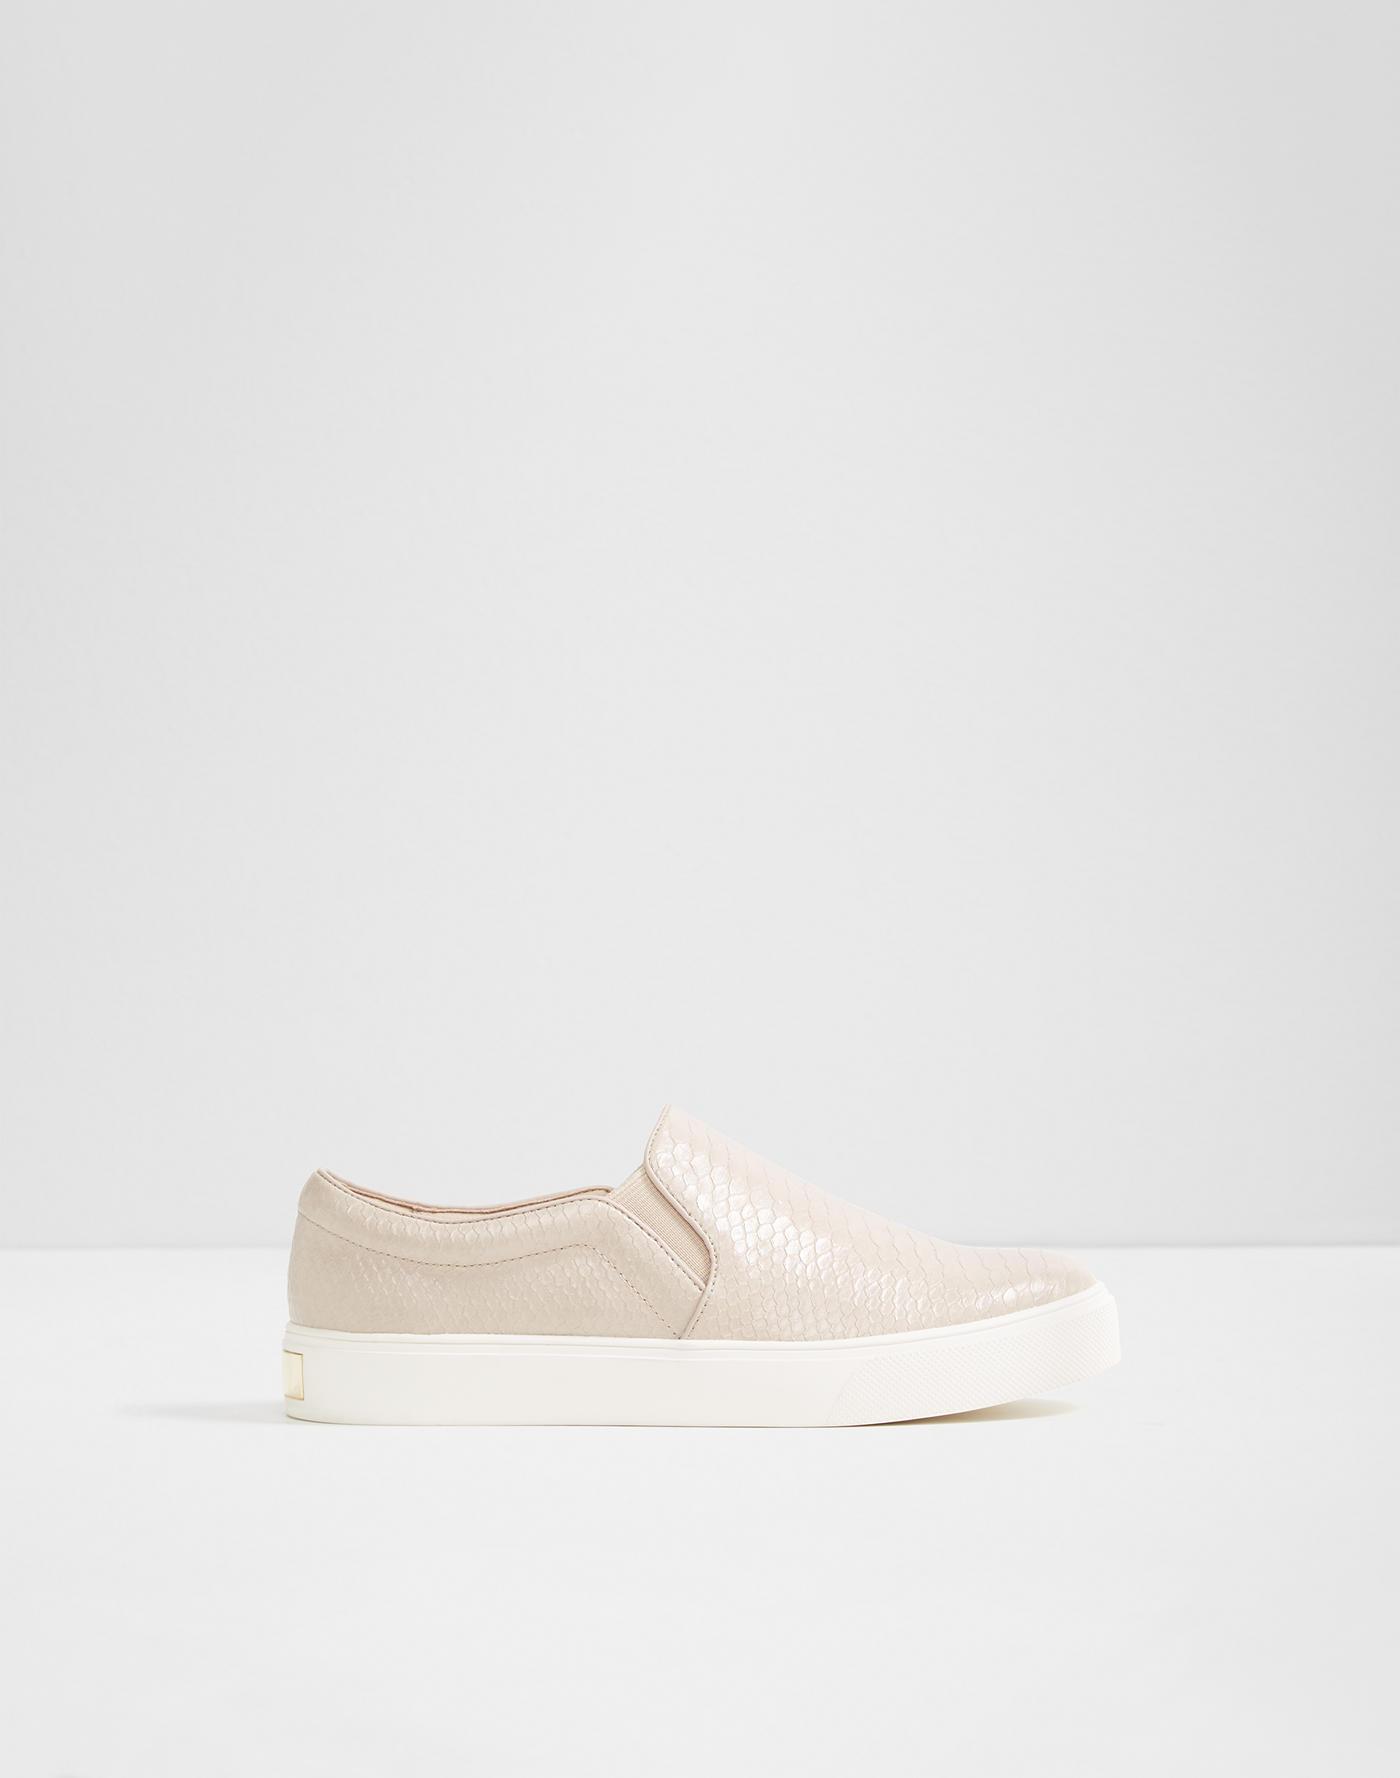 c27b68b1808e Women's Sneakers | Fashion Sneakers | ALDO Canada | ALDO Canada